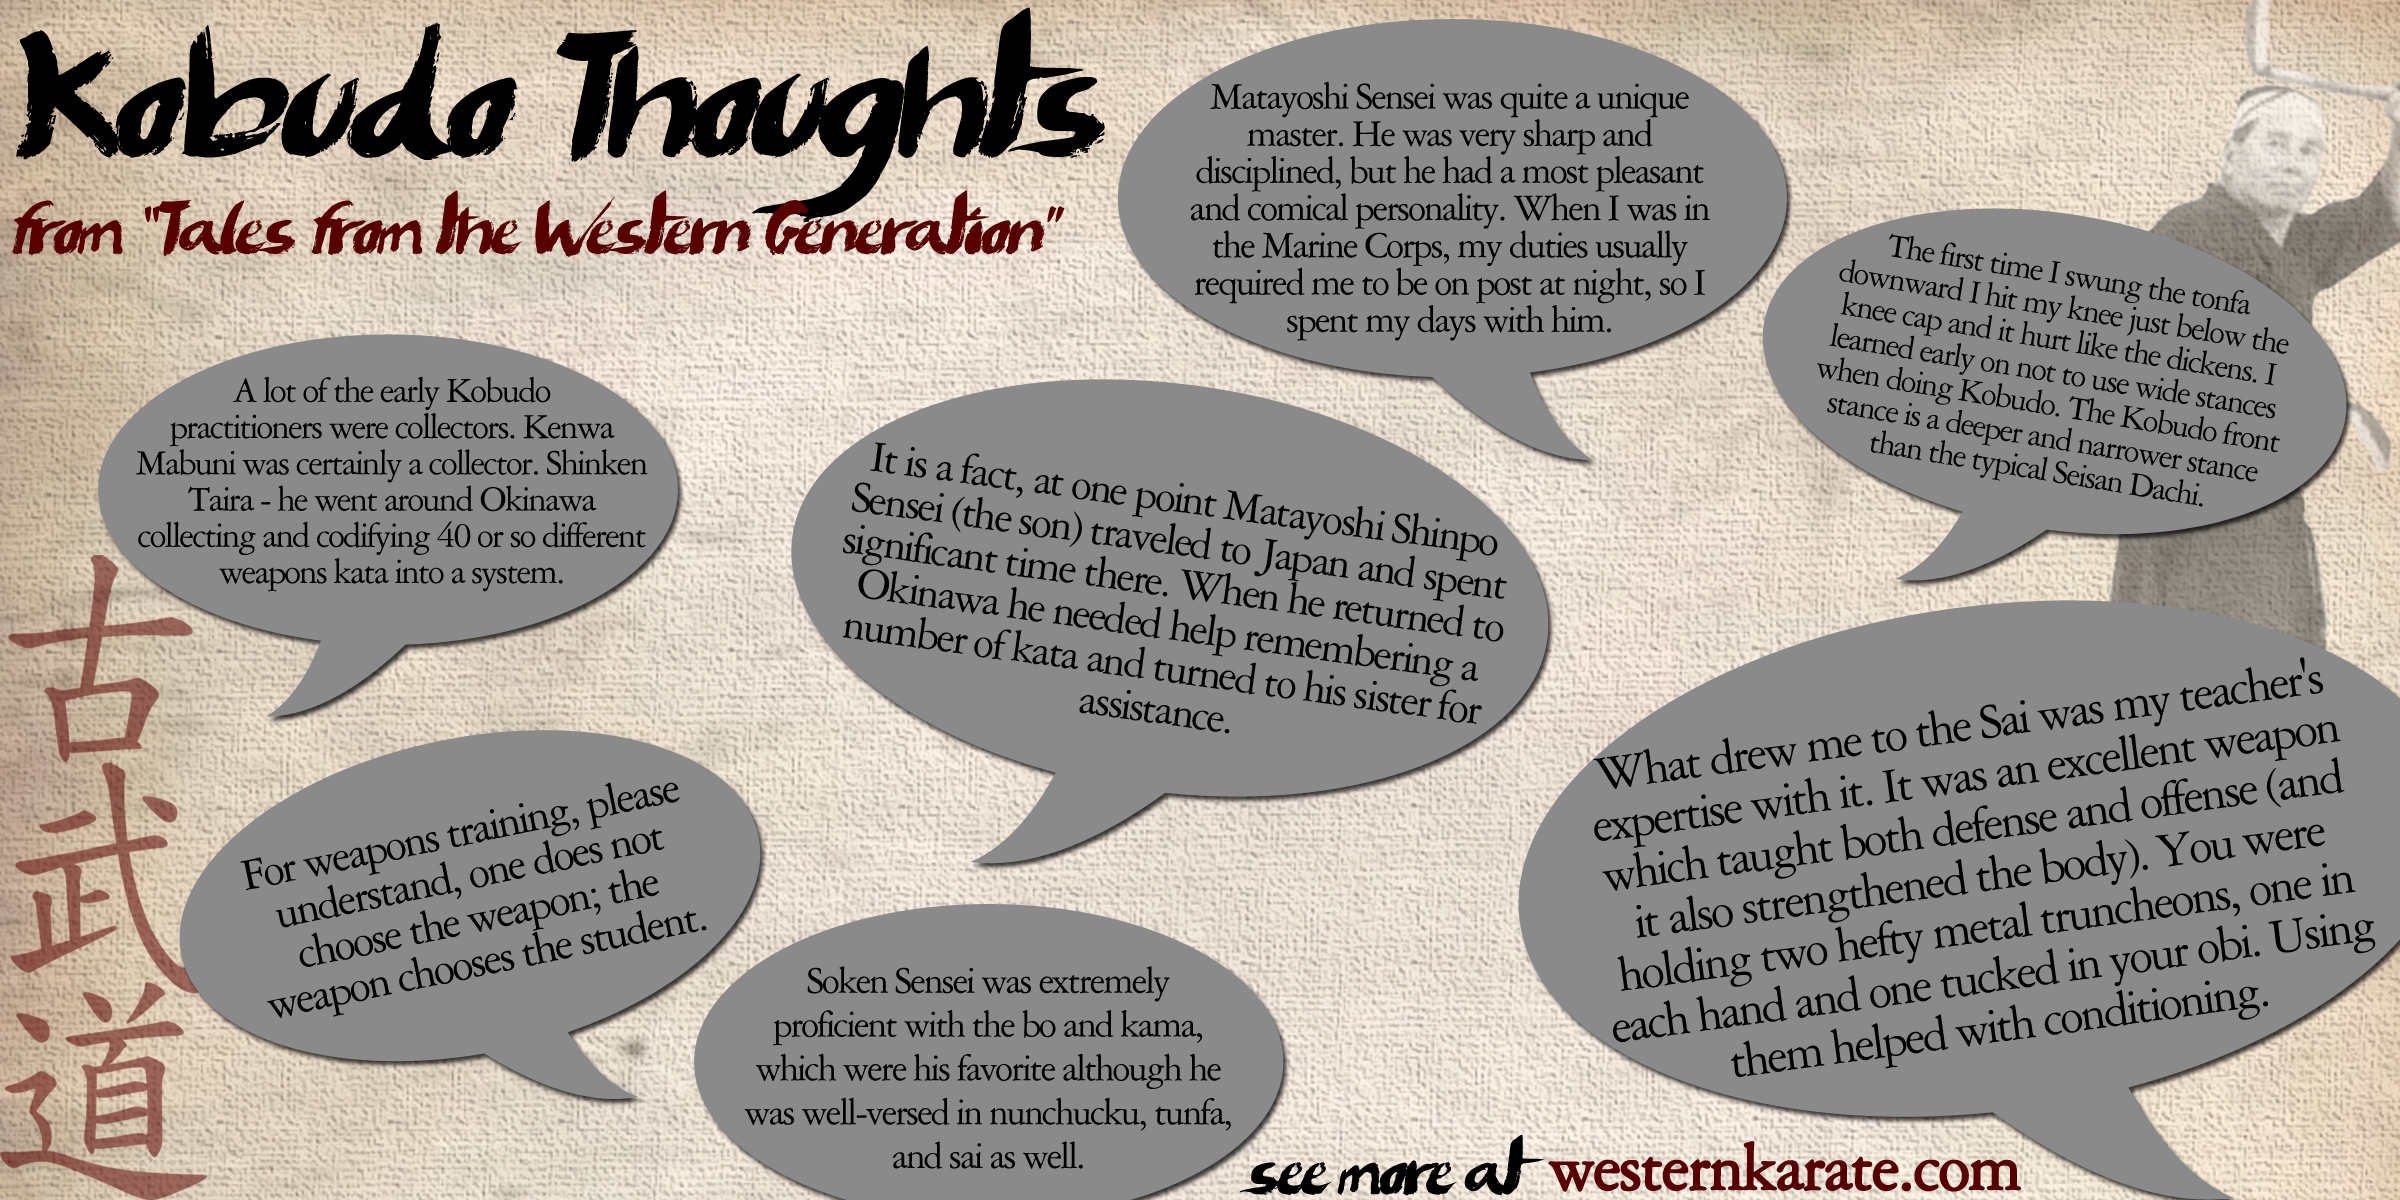 kobudo quotes